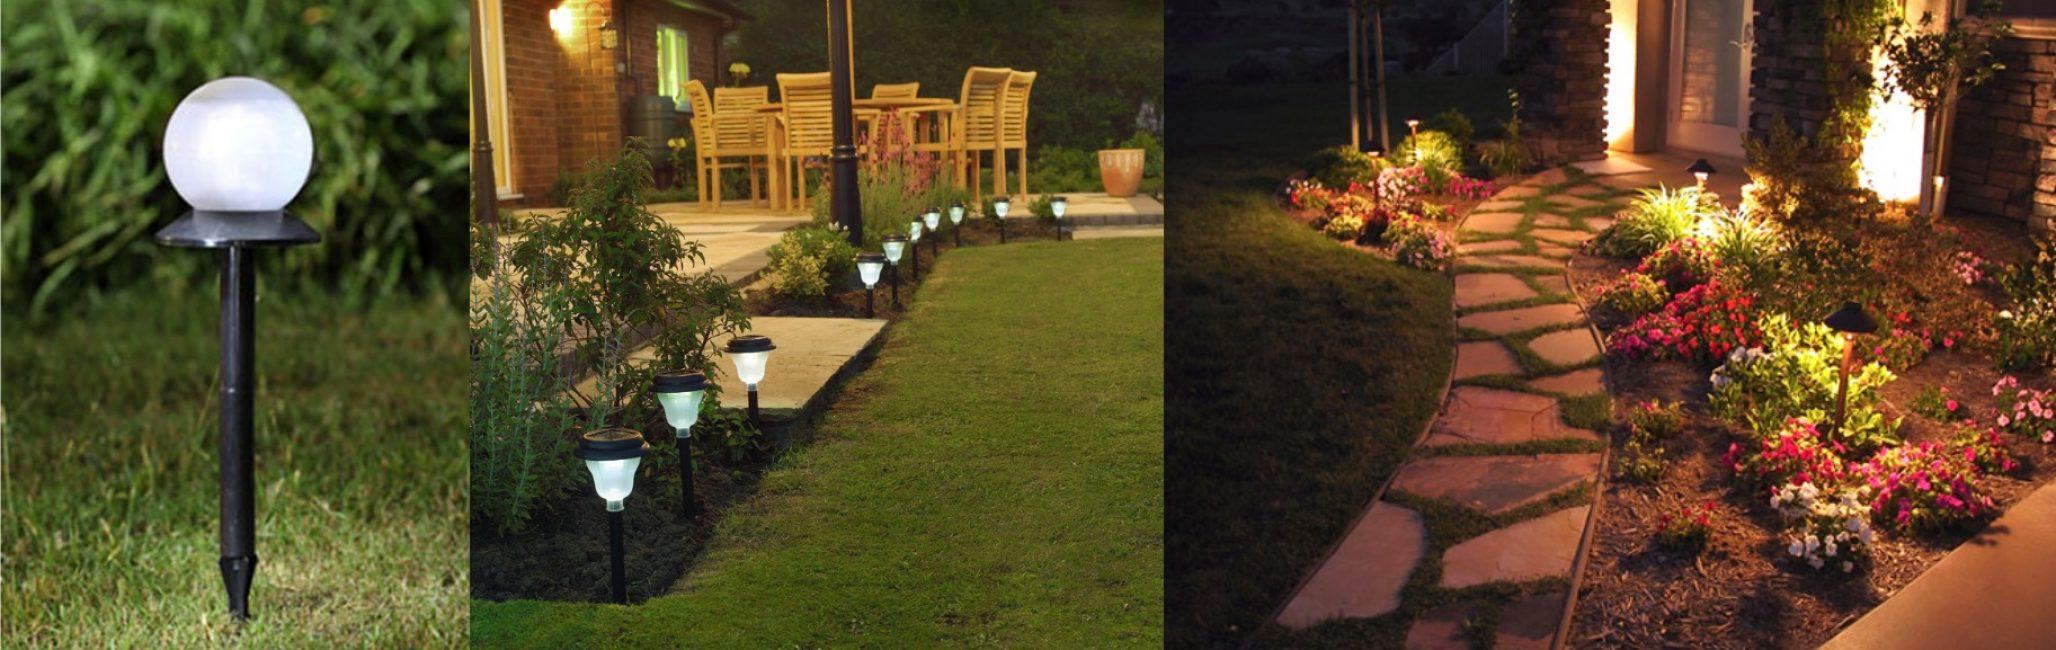 Выберите светильник под стилистику сада